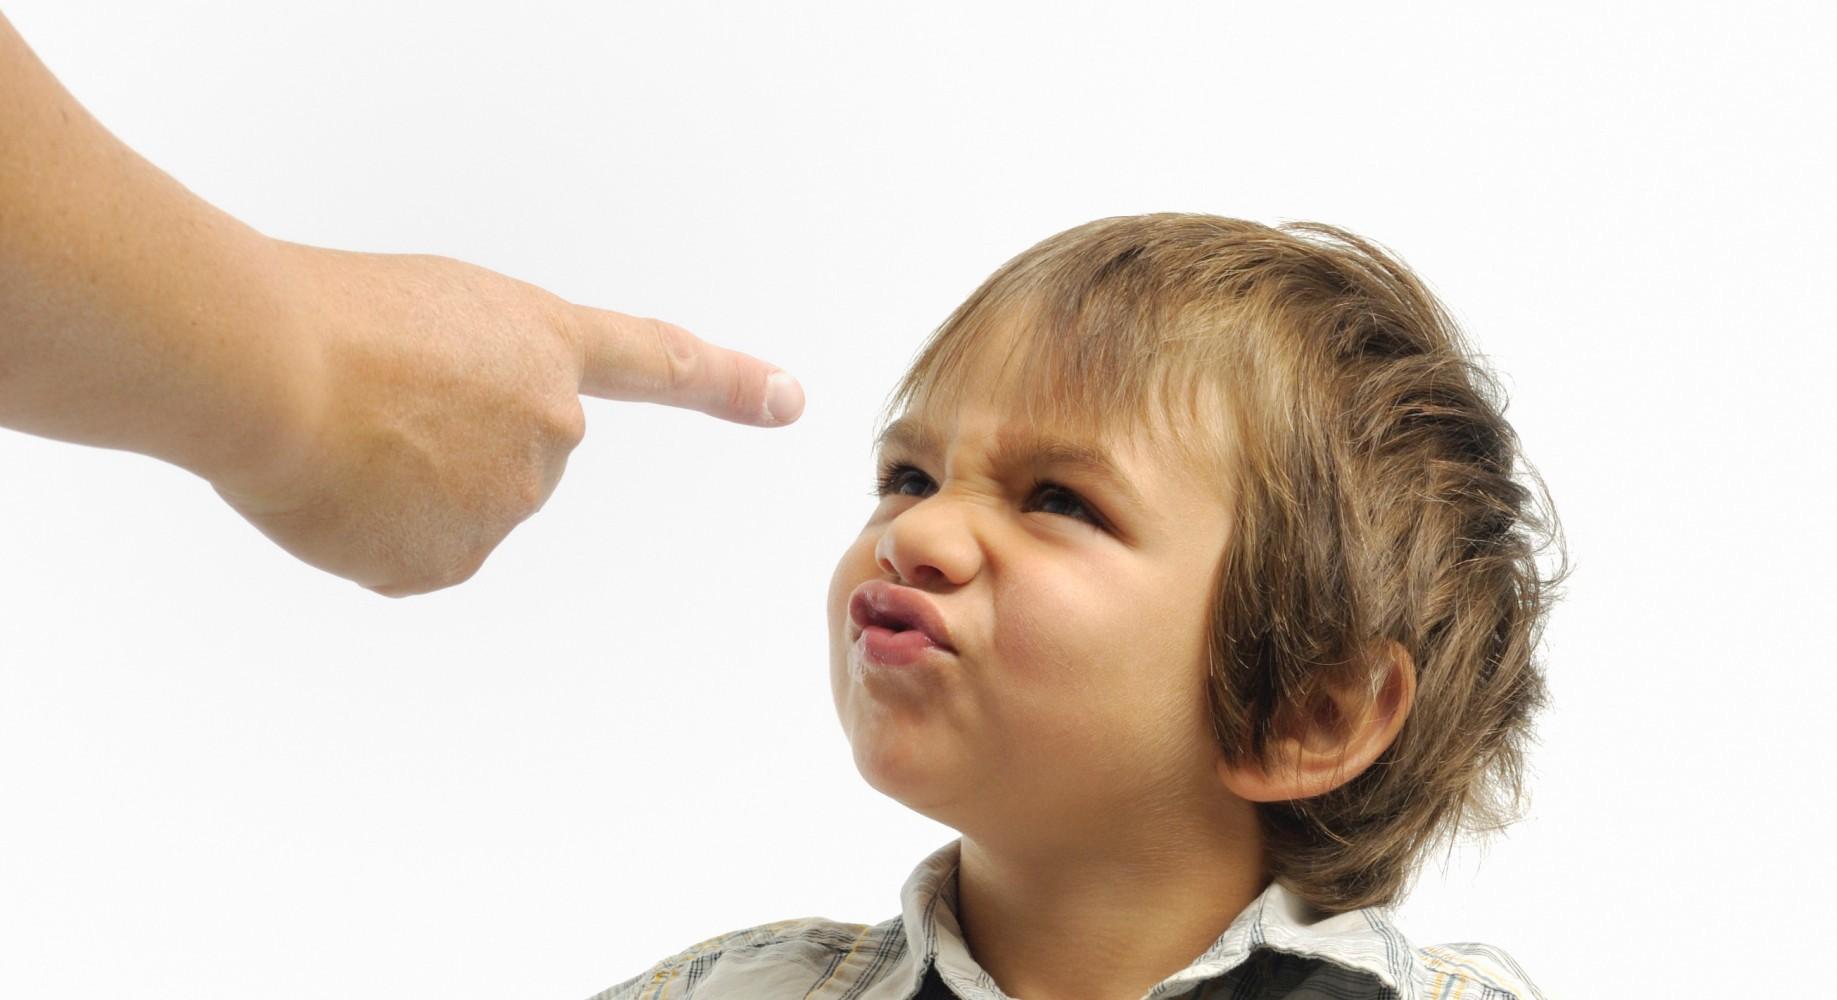 راهکارهای اصلاح رفتارهای بد کودکان